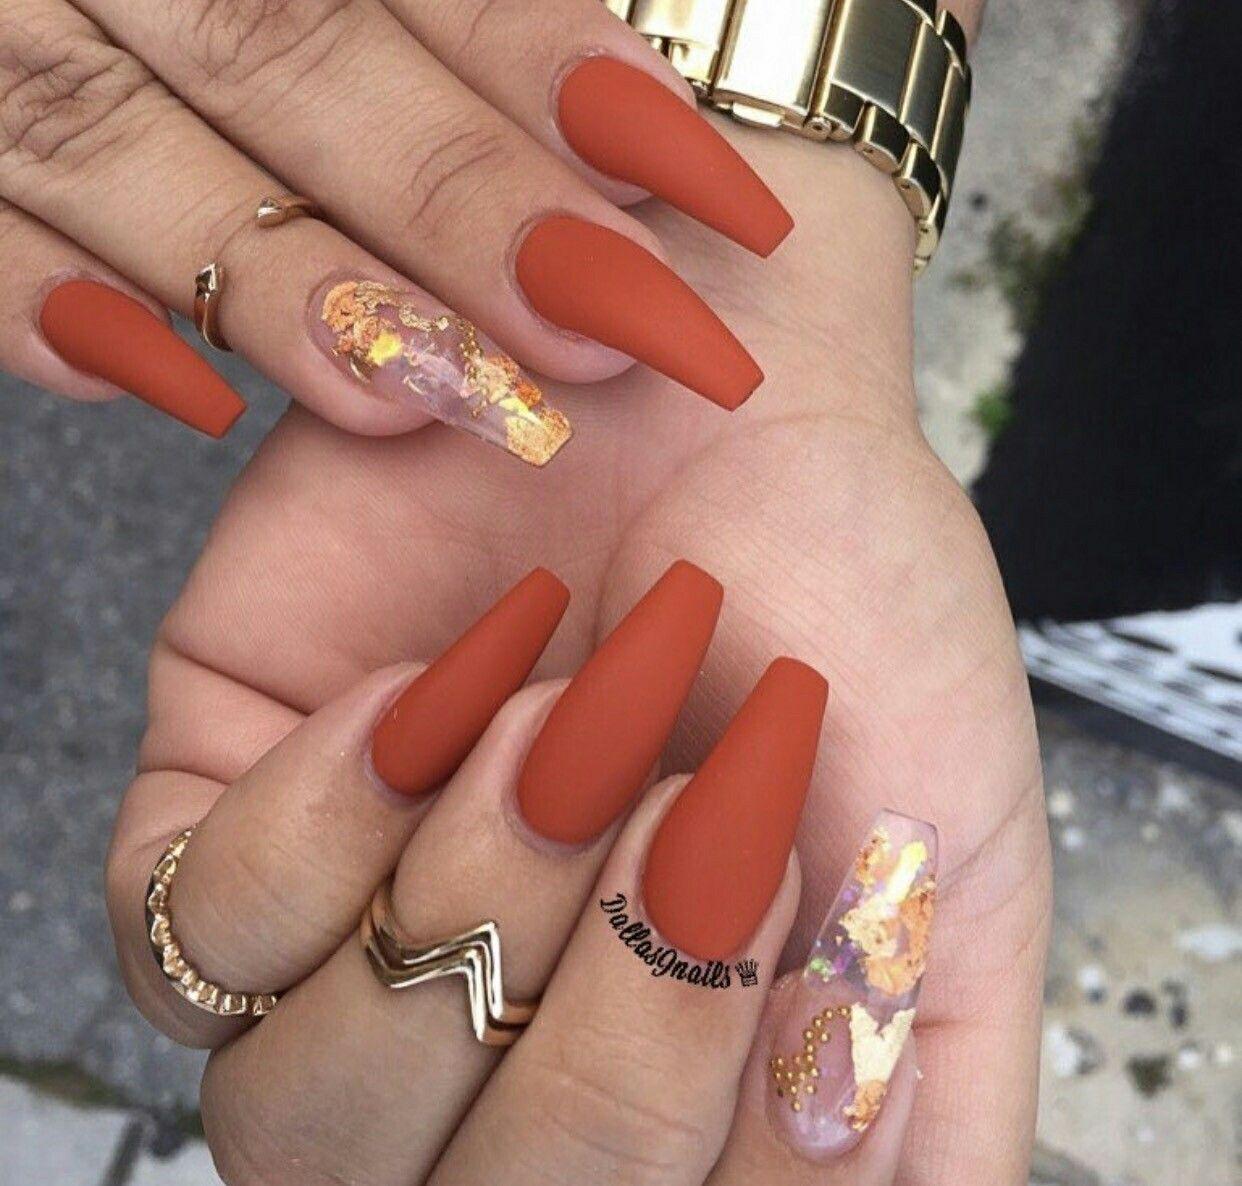 pinterest: ◈ n i c o l e l e c h e r ◈ ig: nicole.lecher | nails ...